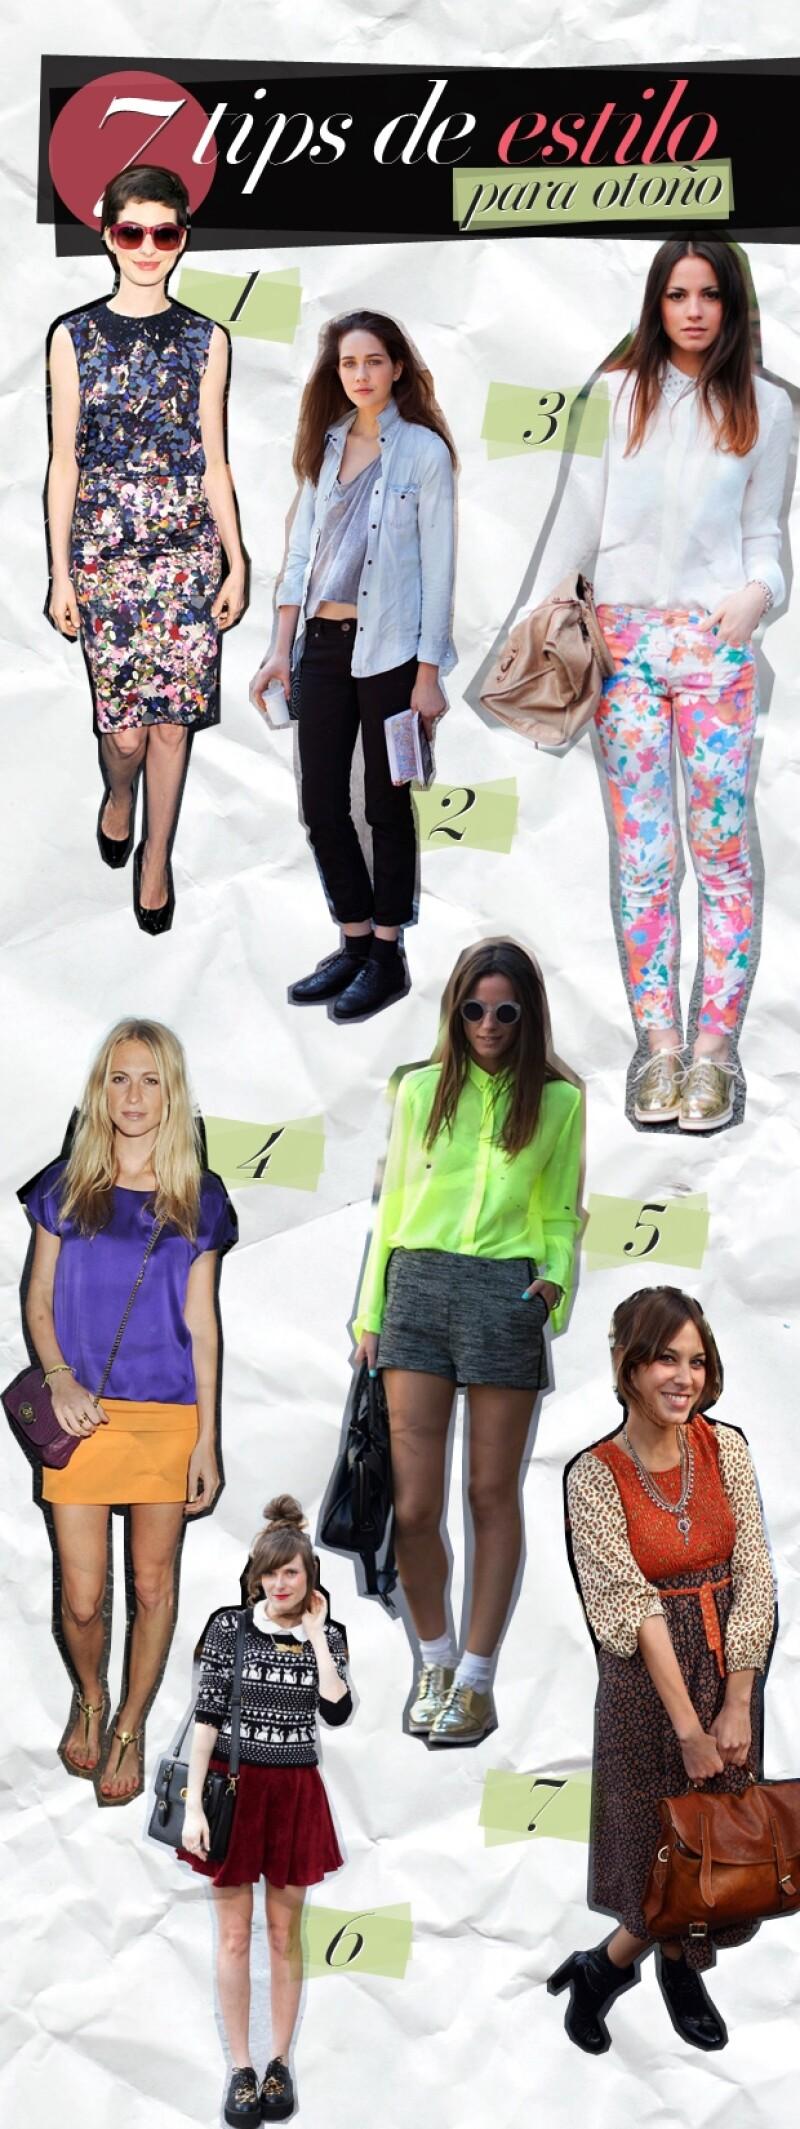 El inicio de una nueva temporada trae consigo nuevos estilos para lucir muy a la moda. Aquí te compartimos siete claves para lucir impecable.